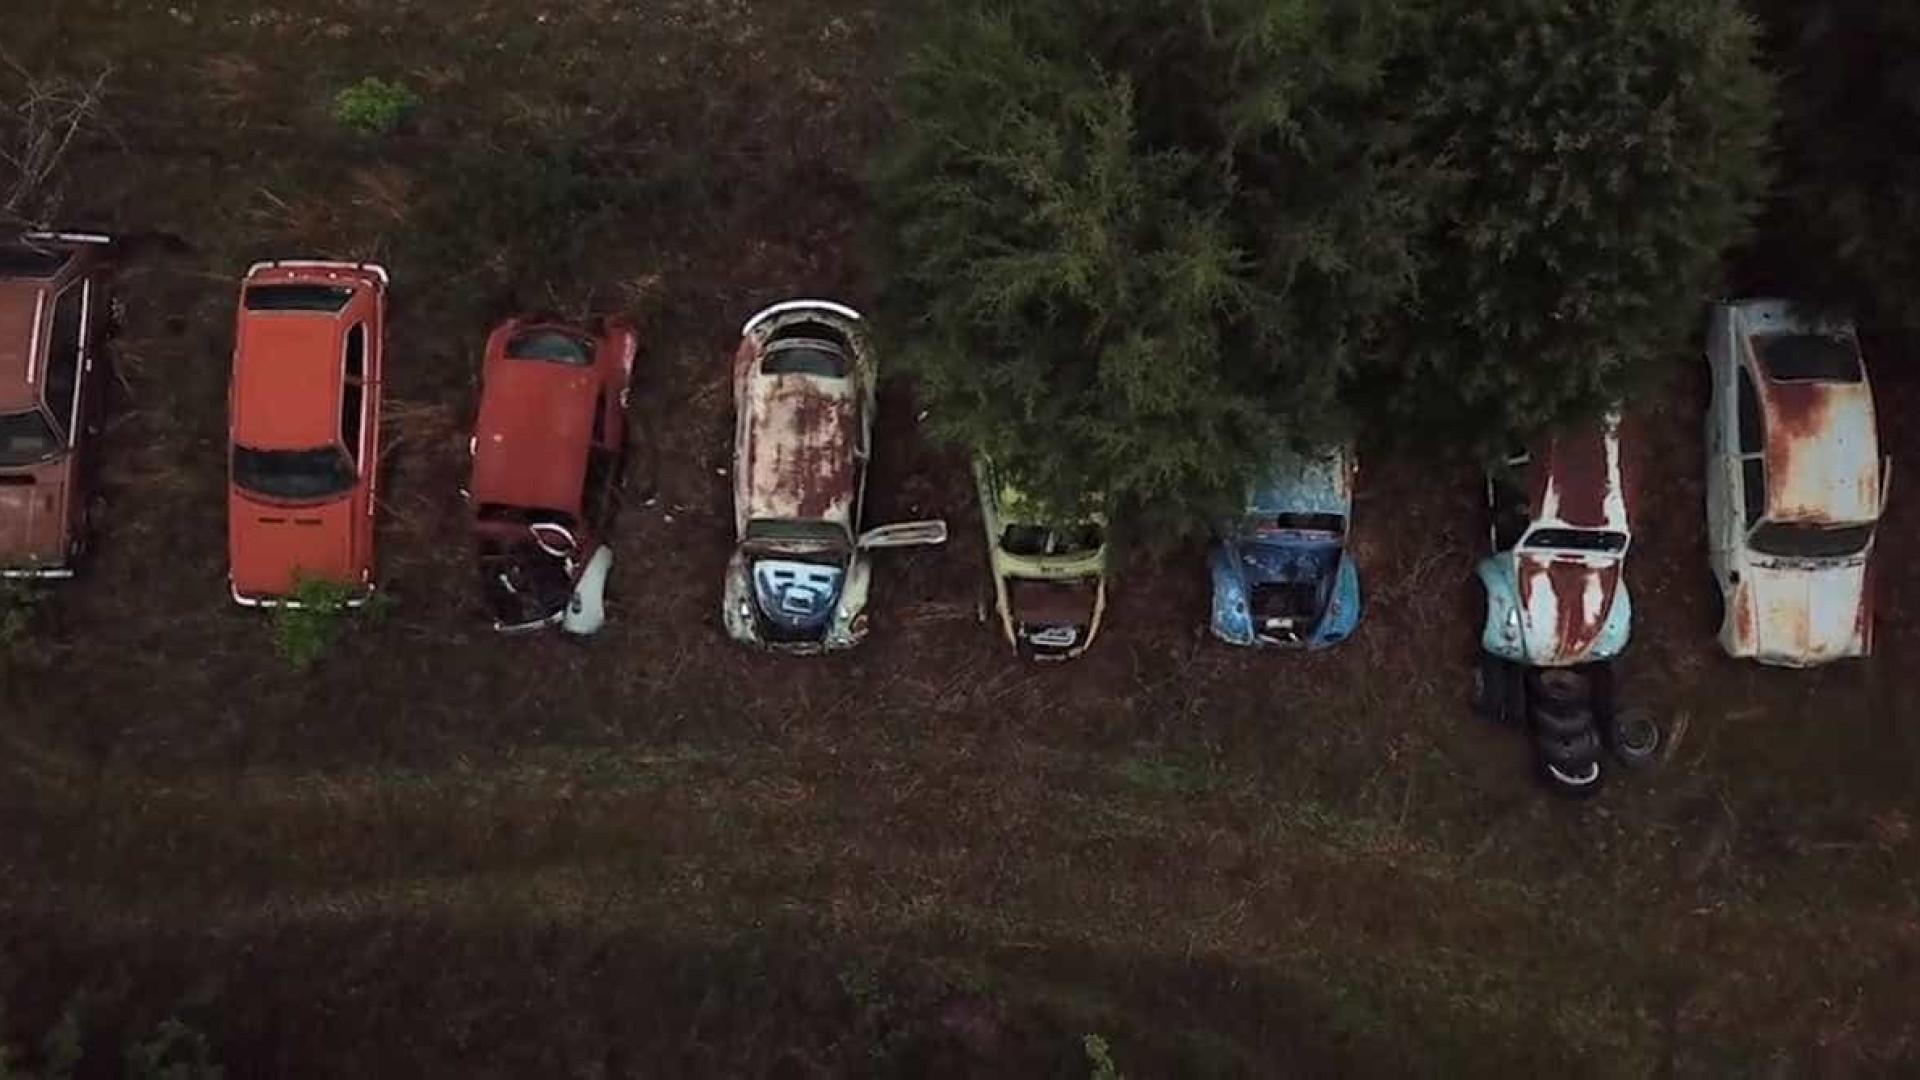 Imagens únicas de uma sucata abandonada no Arkansas